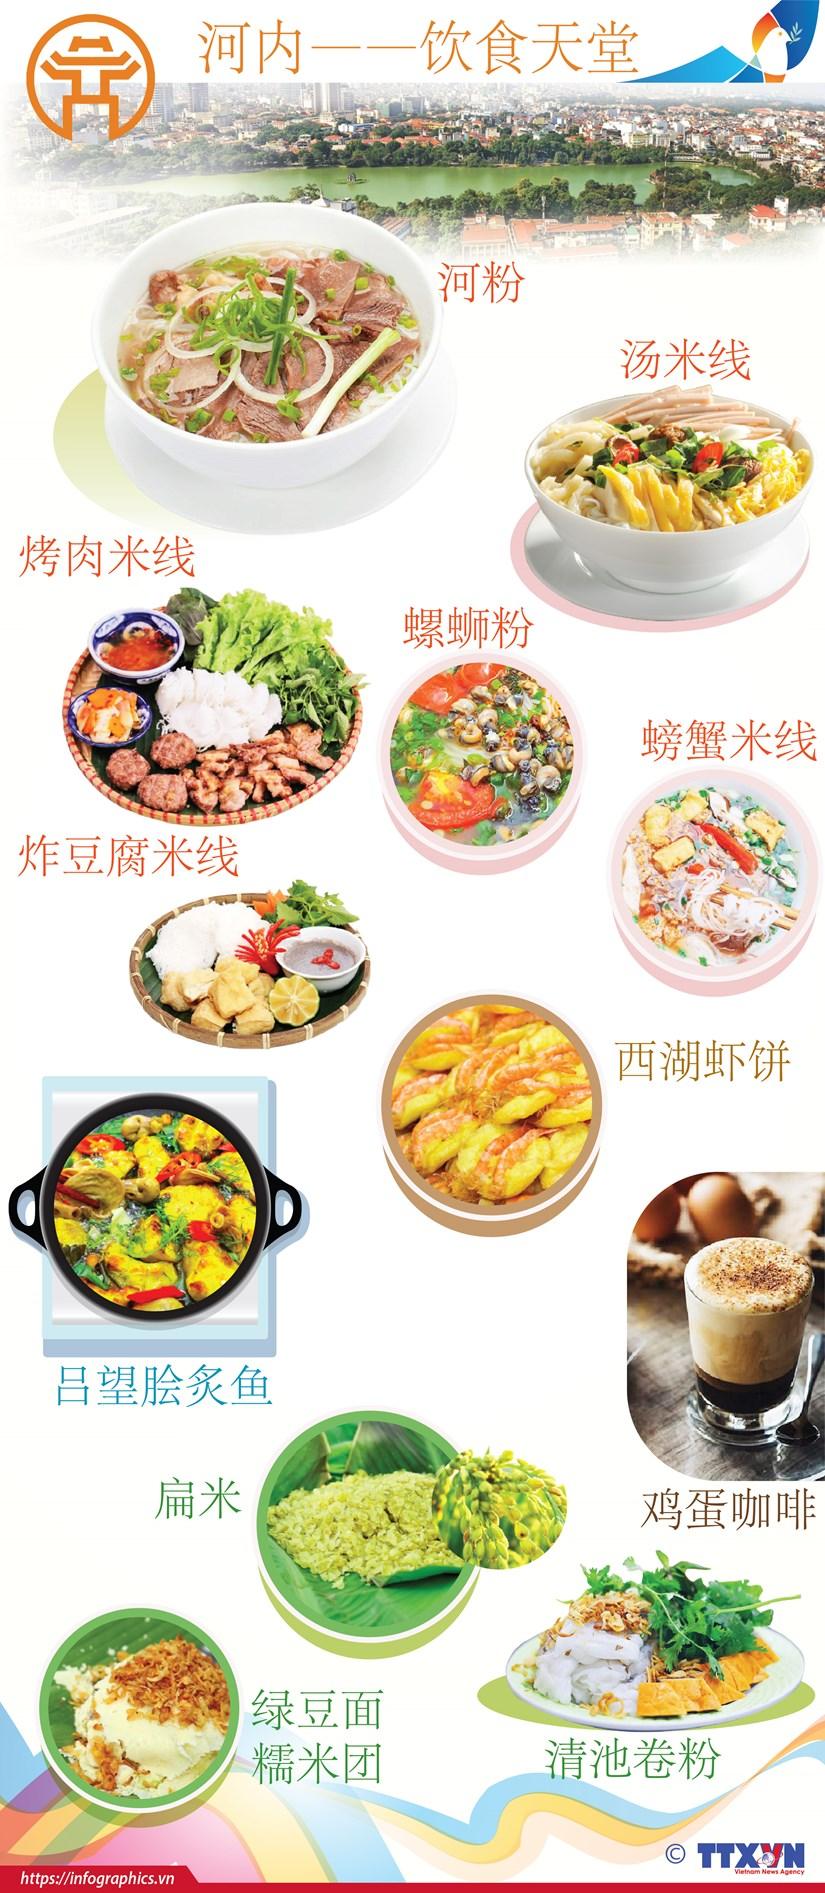 图表新闻:河内——饮食天堂 hinh anh 1